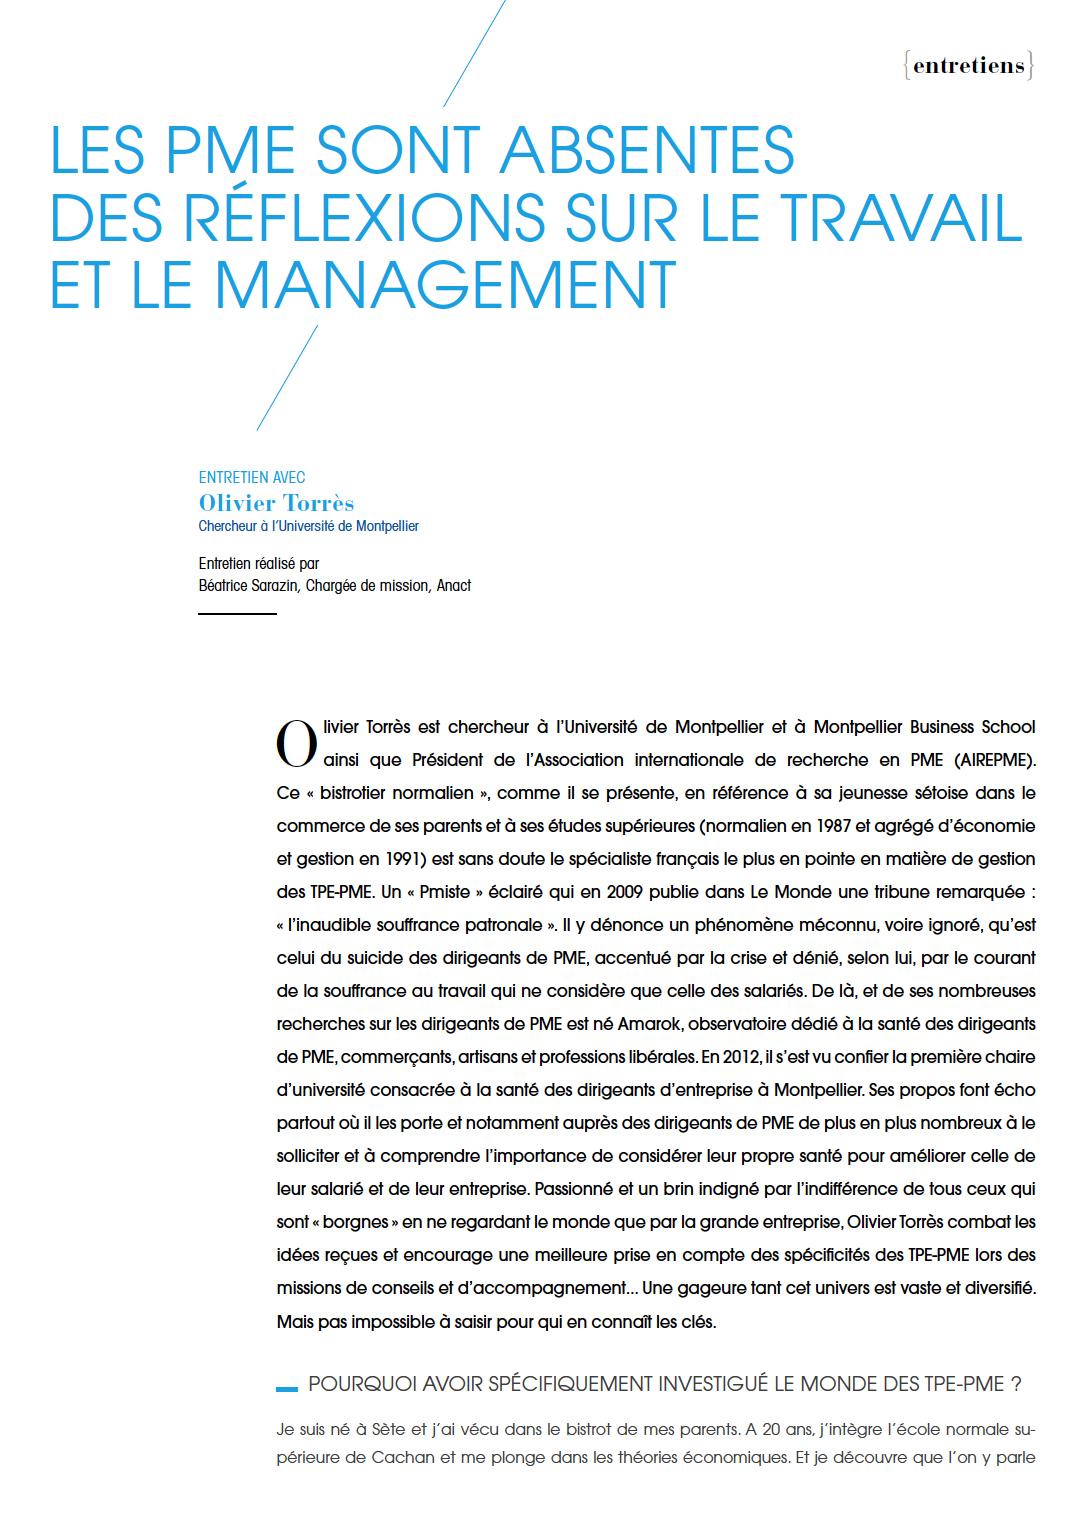 Visuel : RDCTn5 - Les PME sont absentes des réflexions sur le travail et sur le management